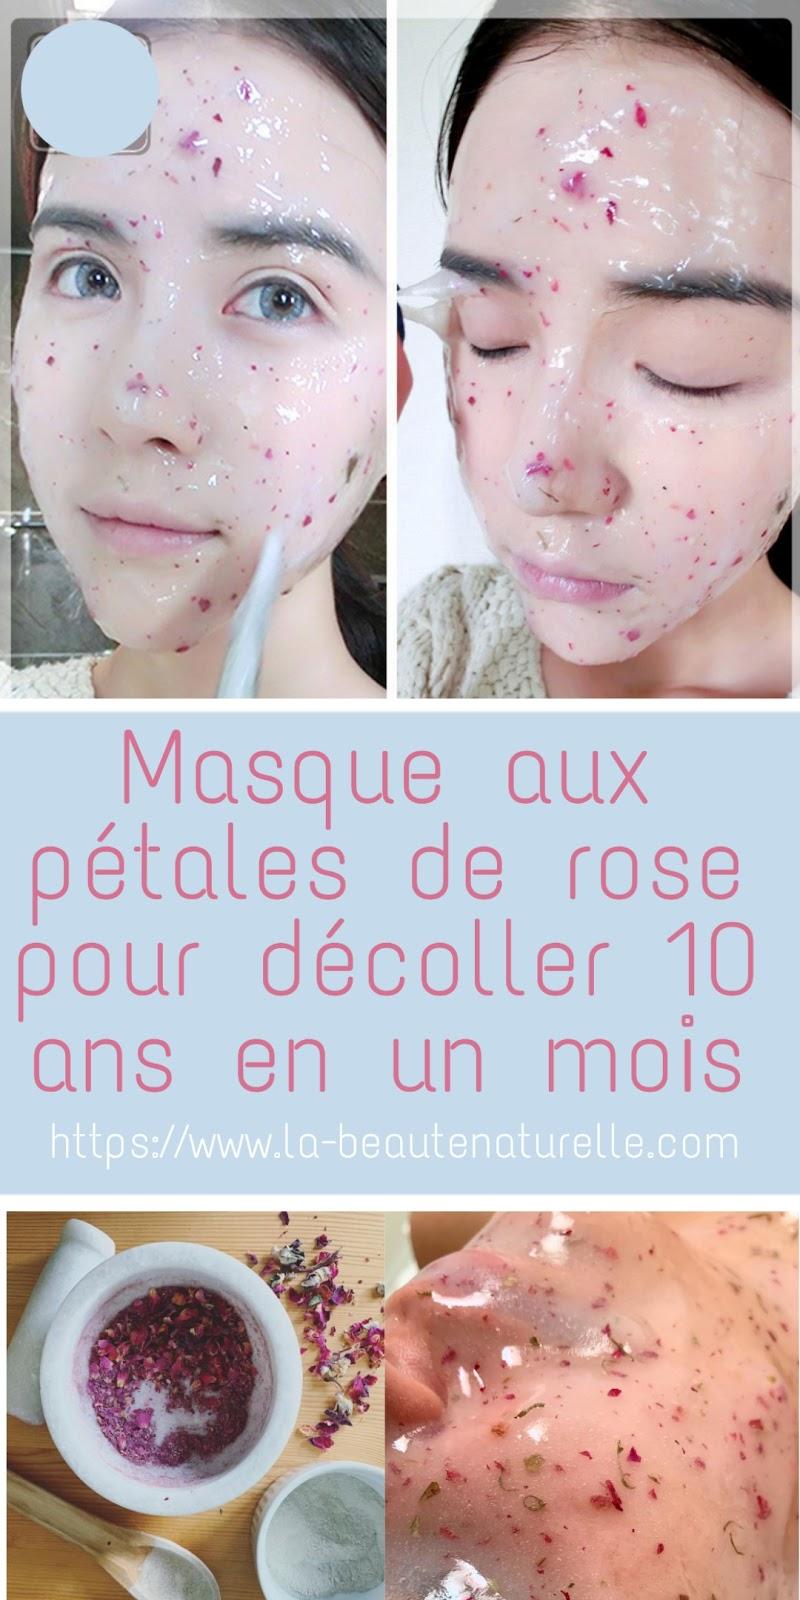 Masque aux pétales de rose pour décoller 10 ans en un mois